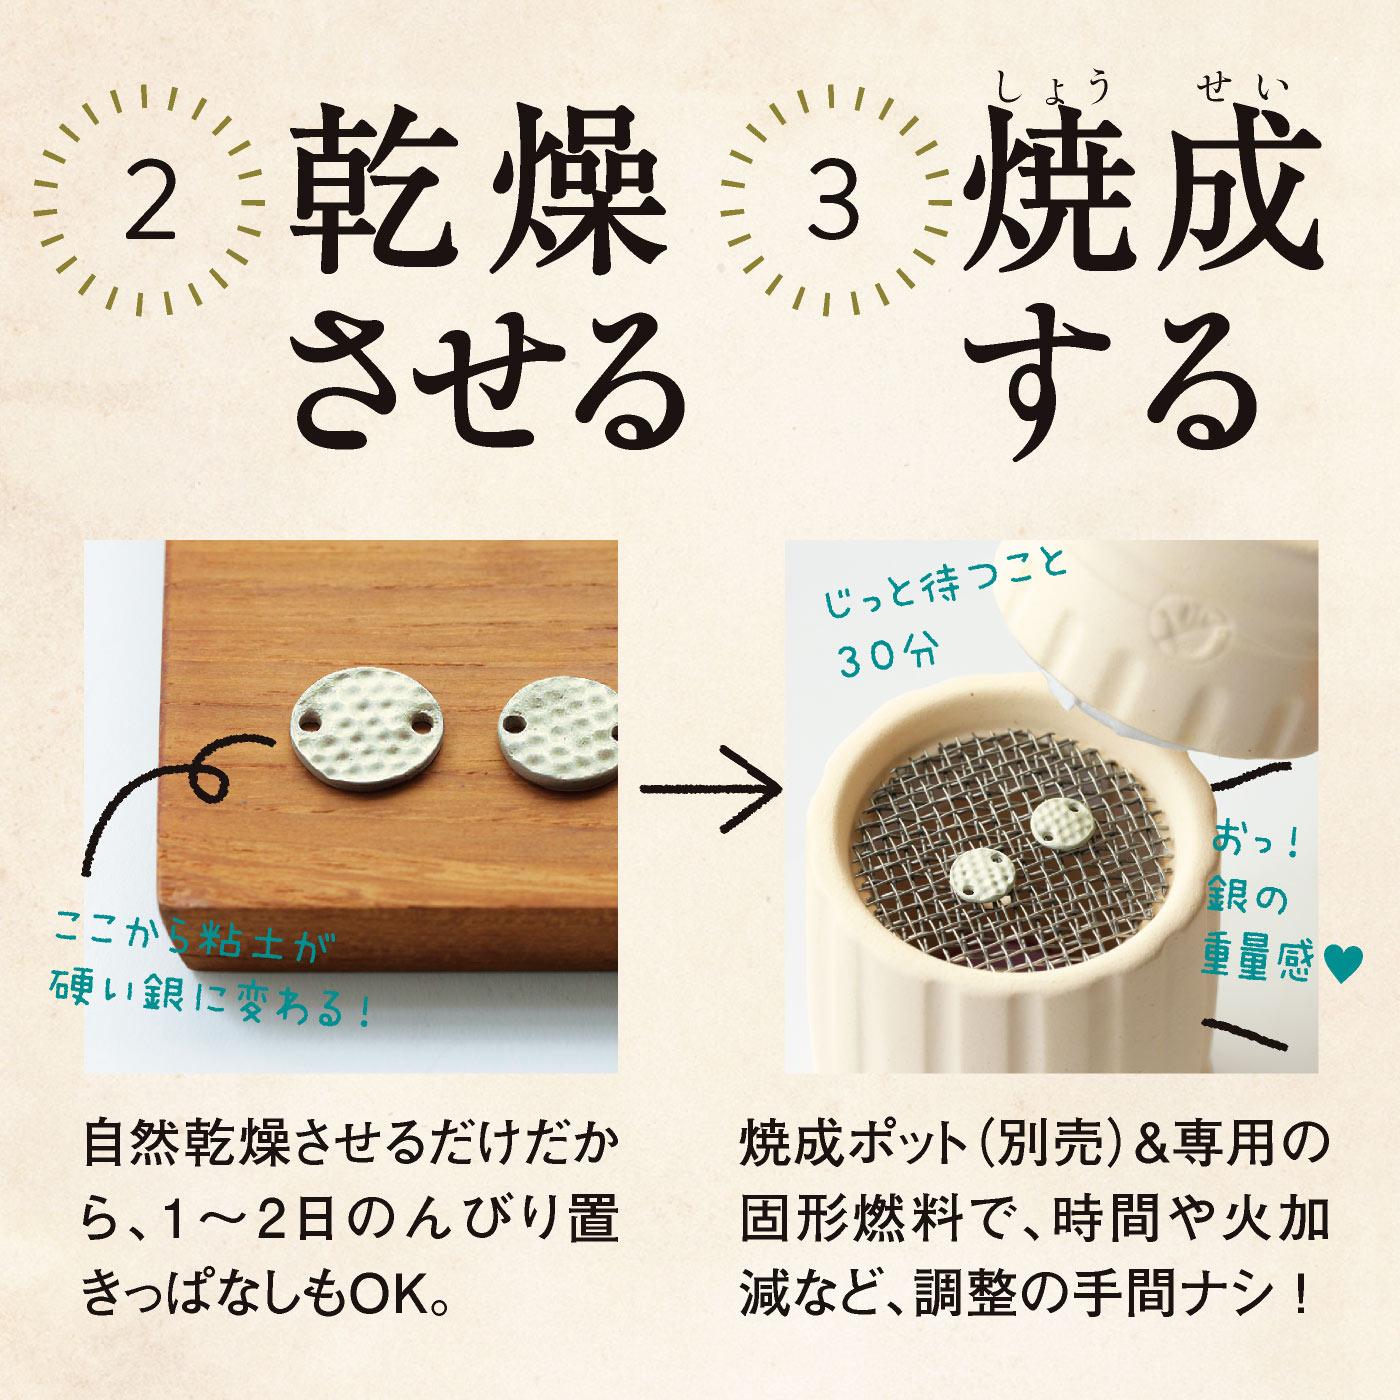 【ステップ2・乾燥させる】自然乾燥でOKの気楽さ。  【ステップ3・焼成する】焼成ポット(別売)と専用の固形燃料で焼成します。時間や火加減の調整は必要ありません。